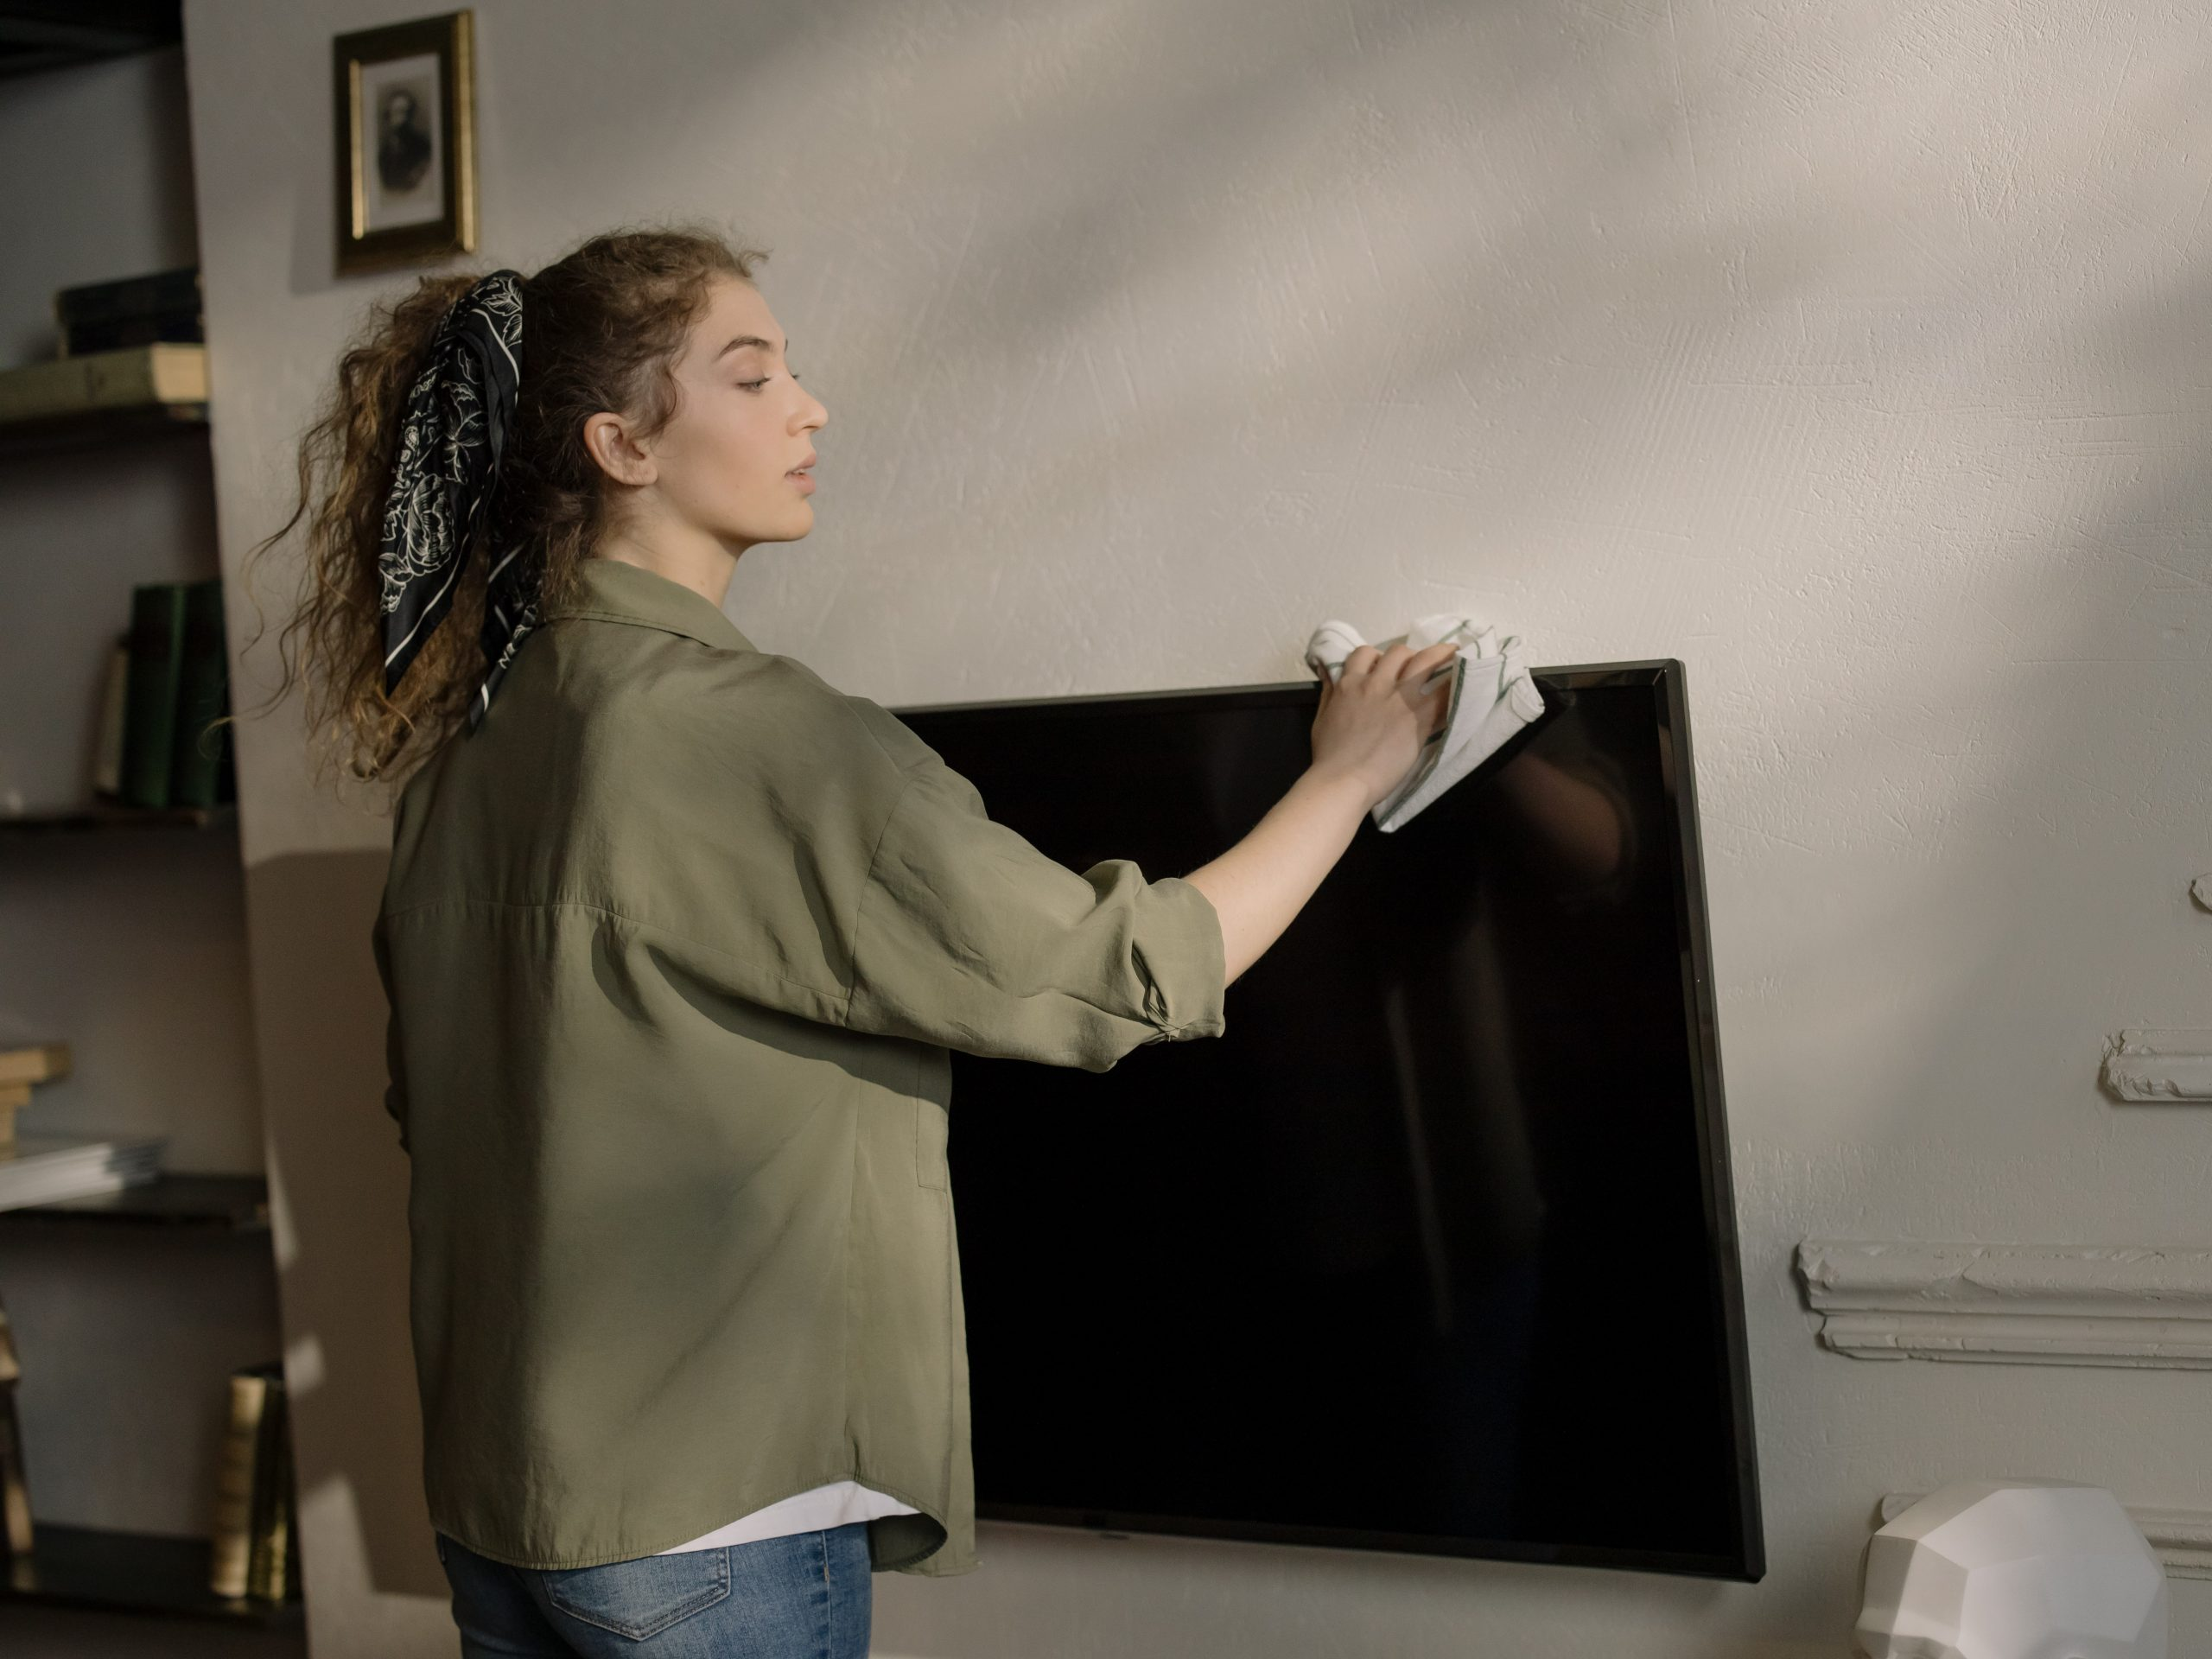 Guía de compra: Elegir el mejor televisor